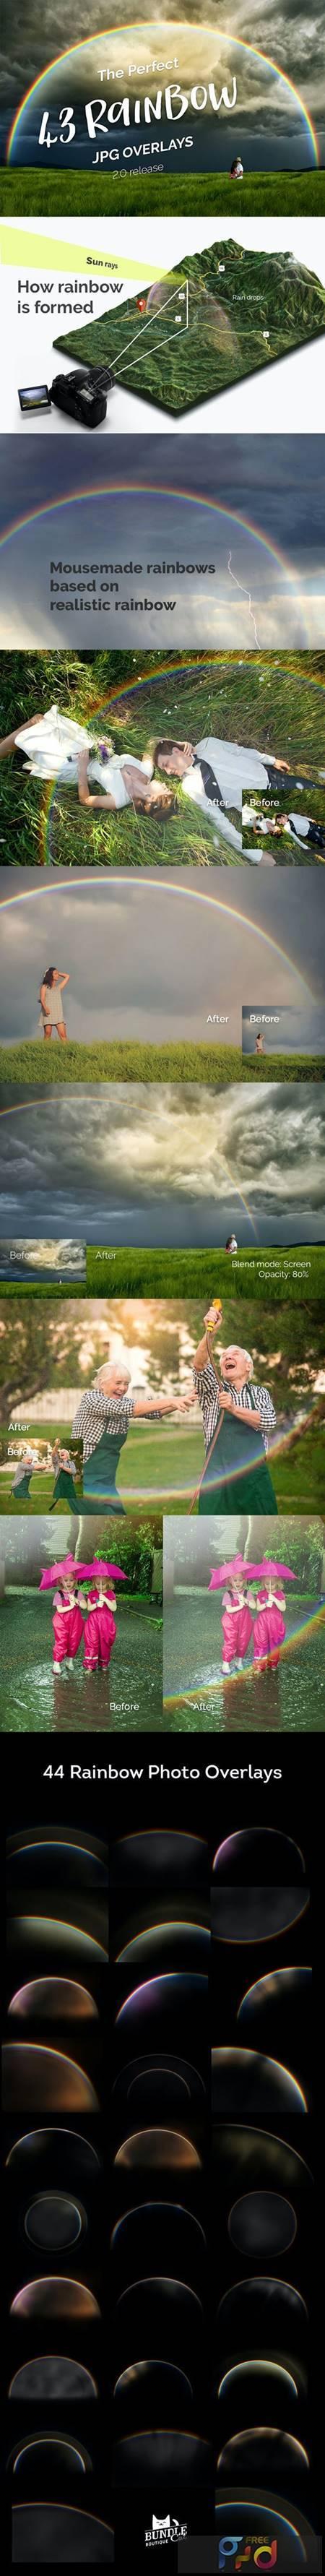 43 Rainbow Photo Overlays 2.0 27028146 1